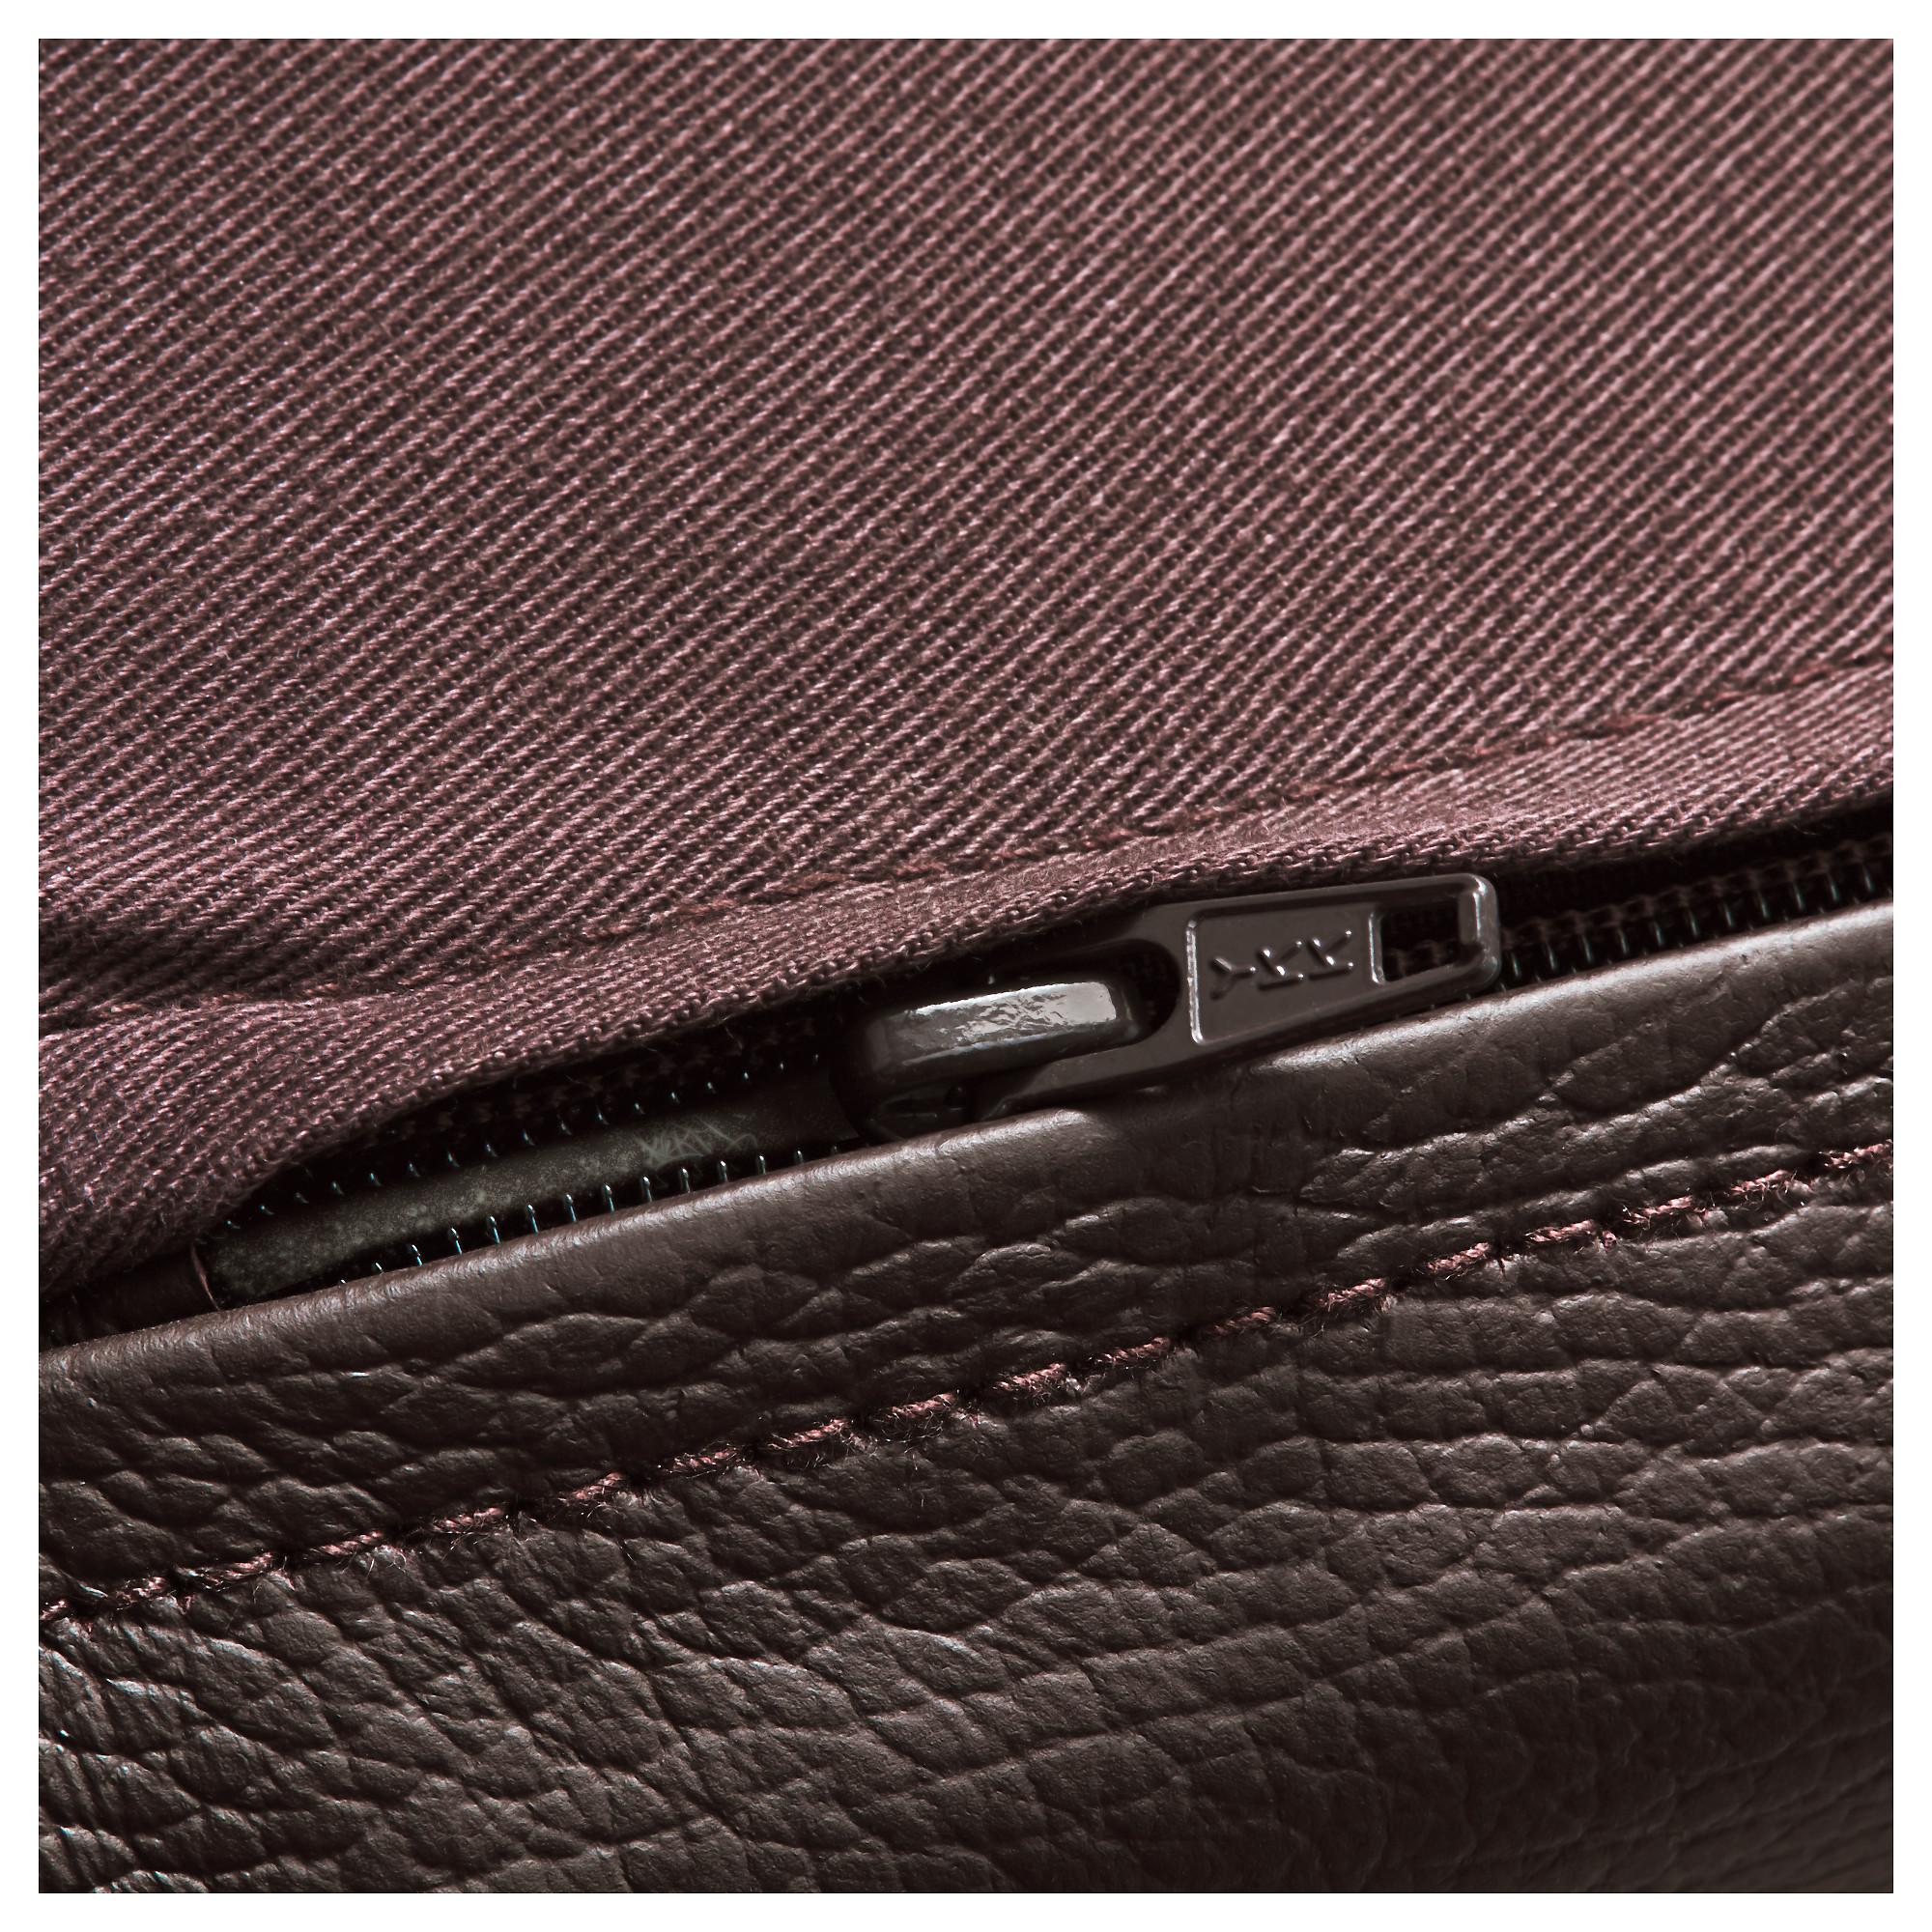 Кресло-качалка ПОЭНГ темно-коричневый артикуль № 292.816.98 в наличии. Интернет магазин ИКЕА РБ. Недорогая доставка и установка.